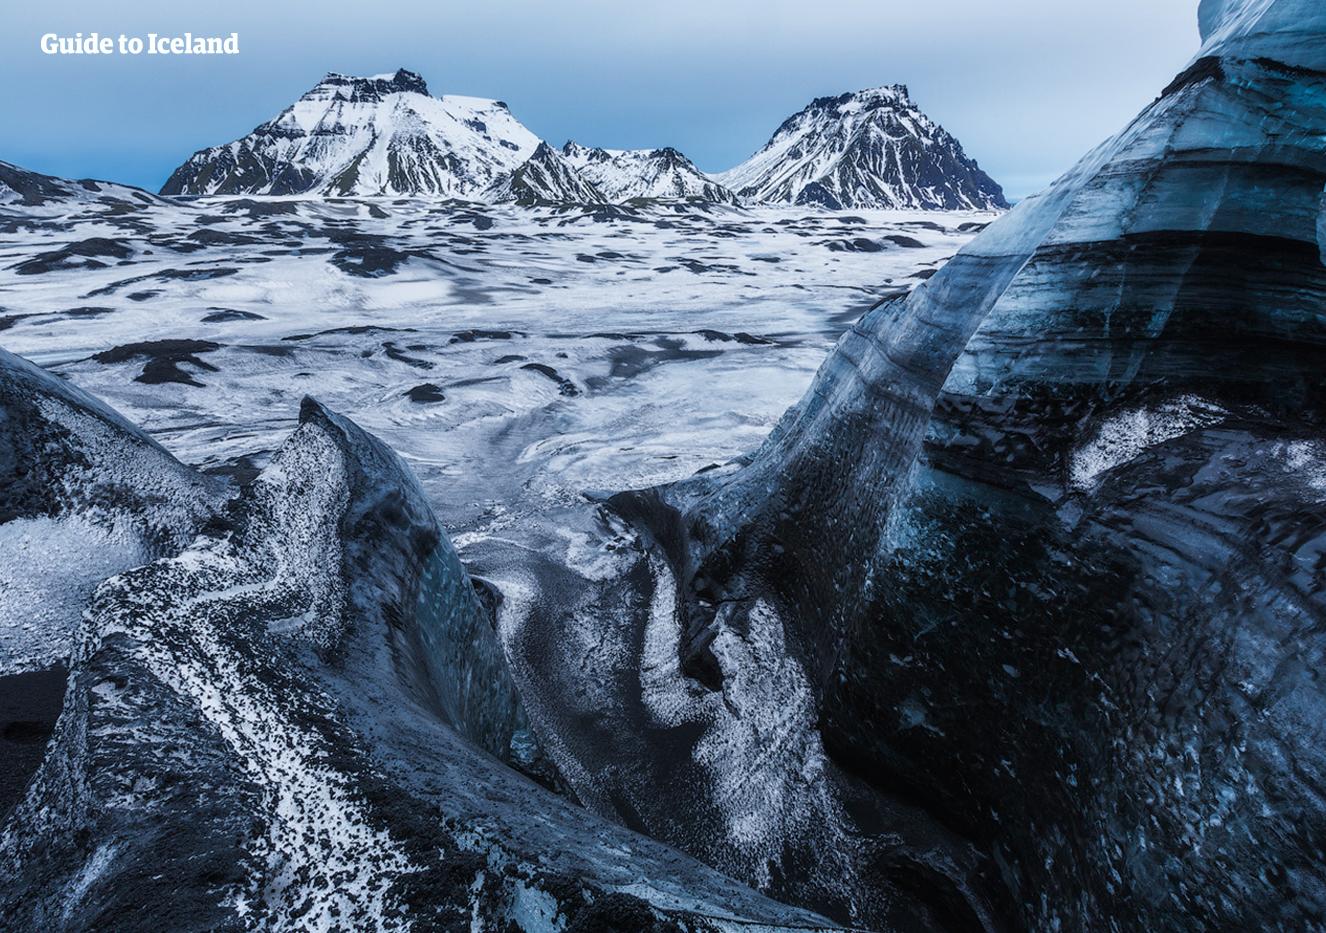 Visitez une grotte de glace à l'intérieur du glacier de Mýrdalsjökull avec ce pack fantastique.